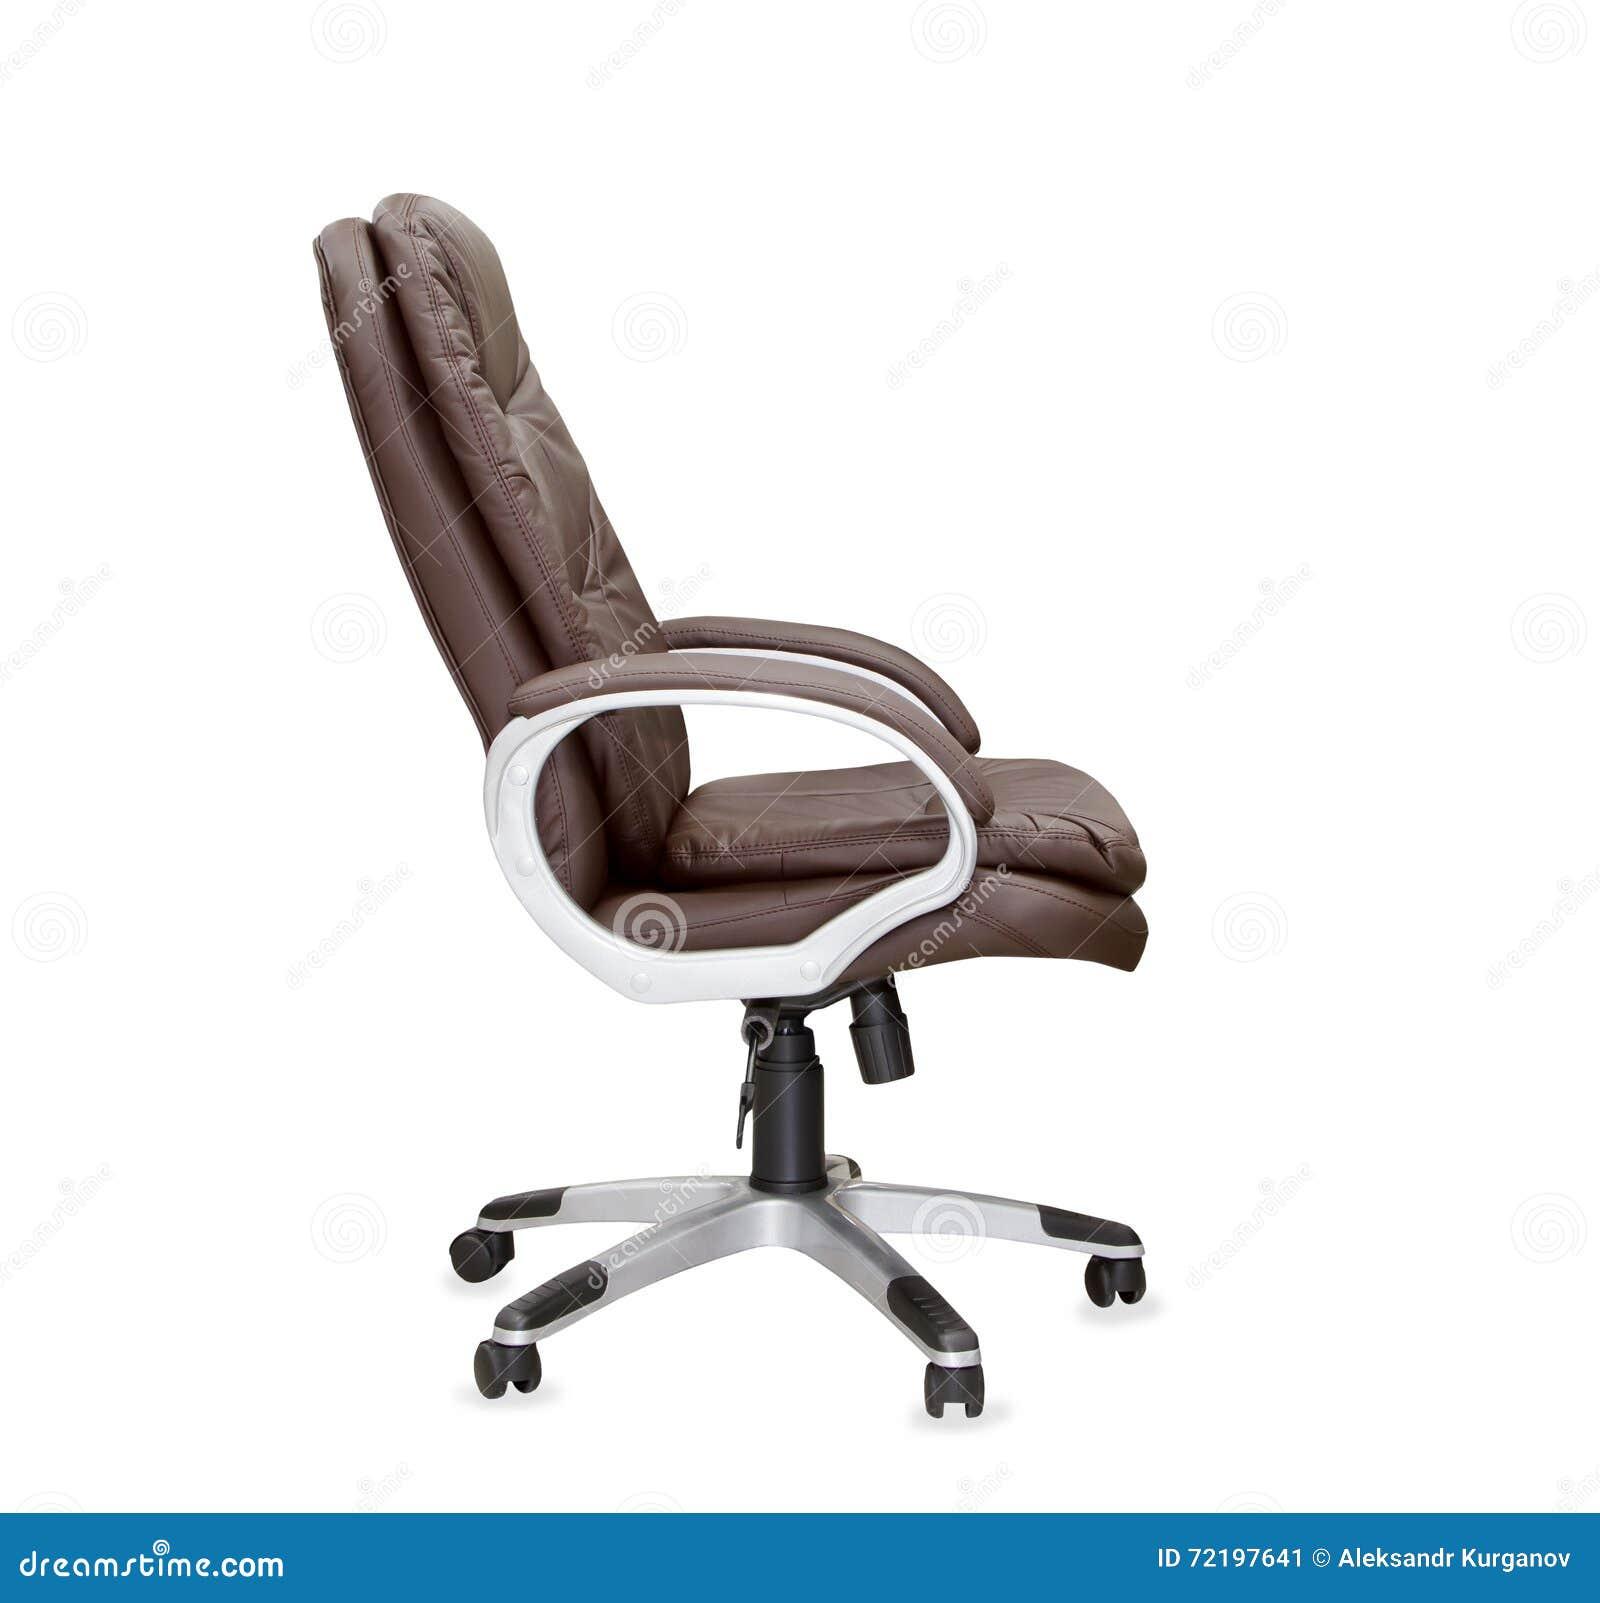 Bureaustoel Bruin Leer.De Profielmening Van Bureaustoel Van Bruin Leer Stock Afbeelding